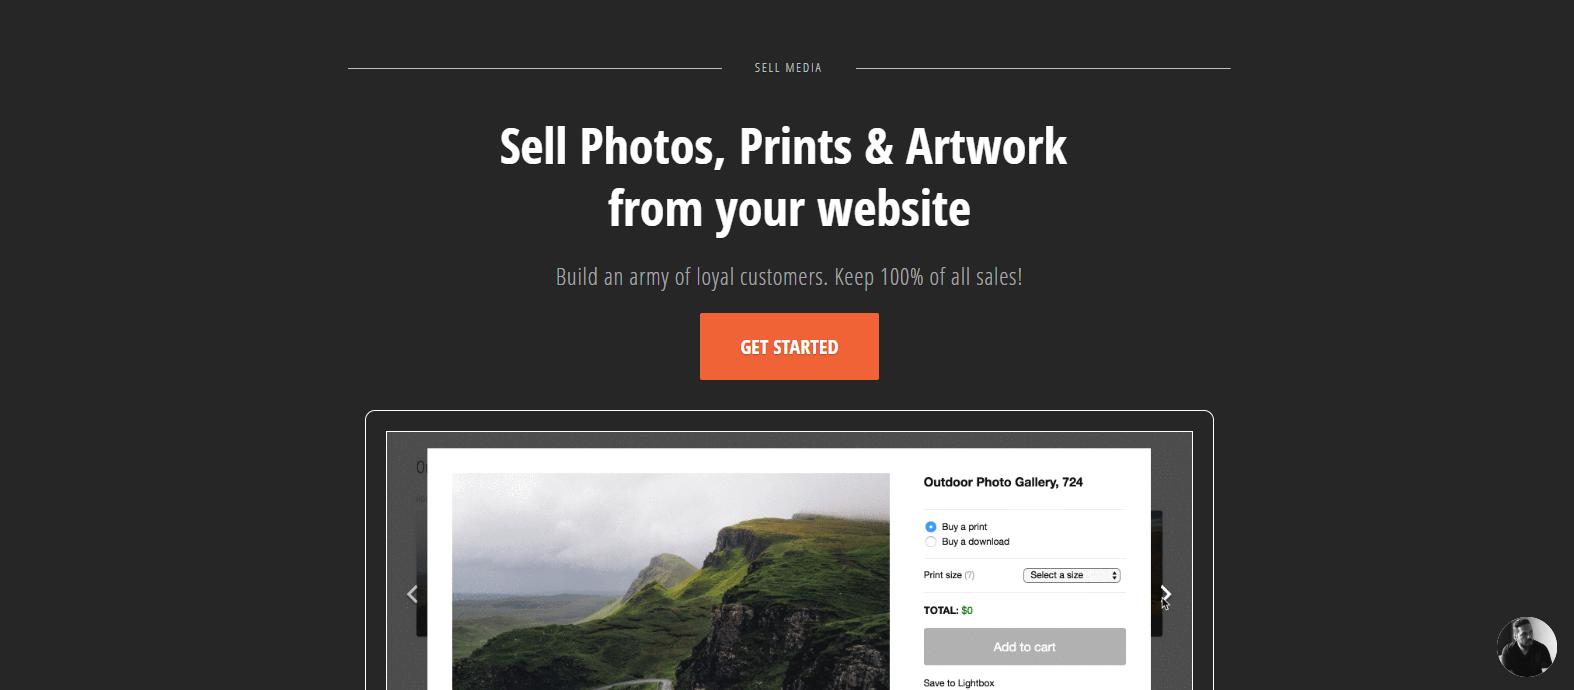 marketing for photographers 2019 image